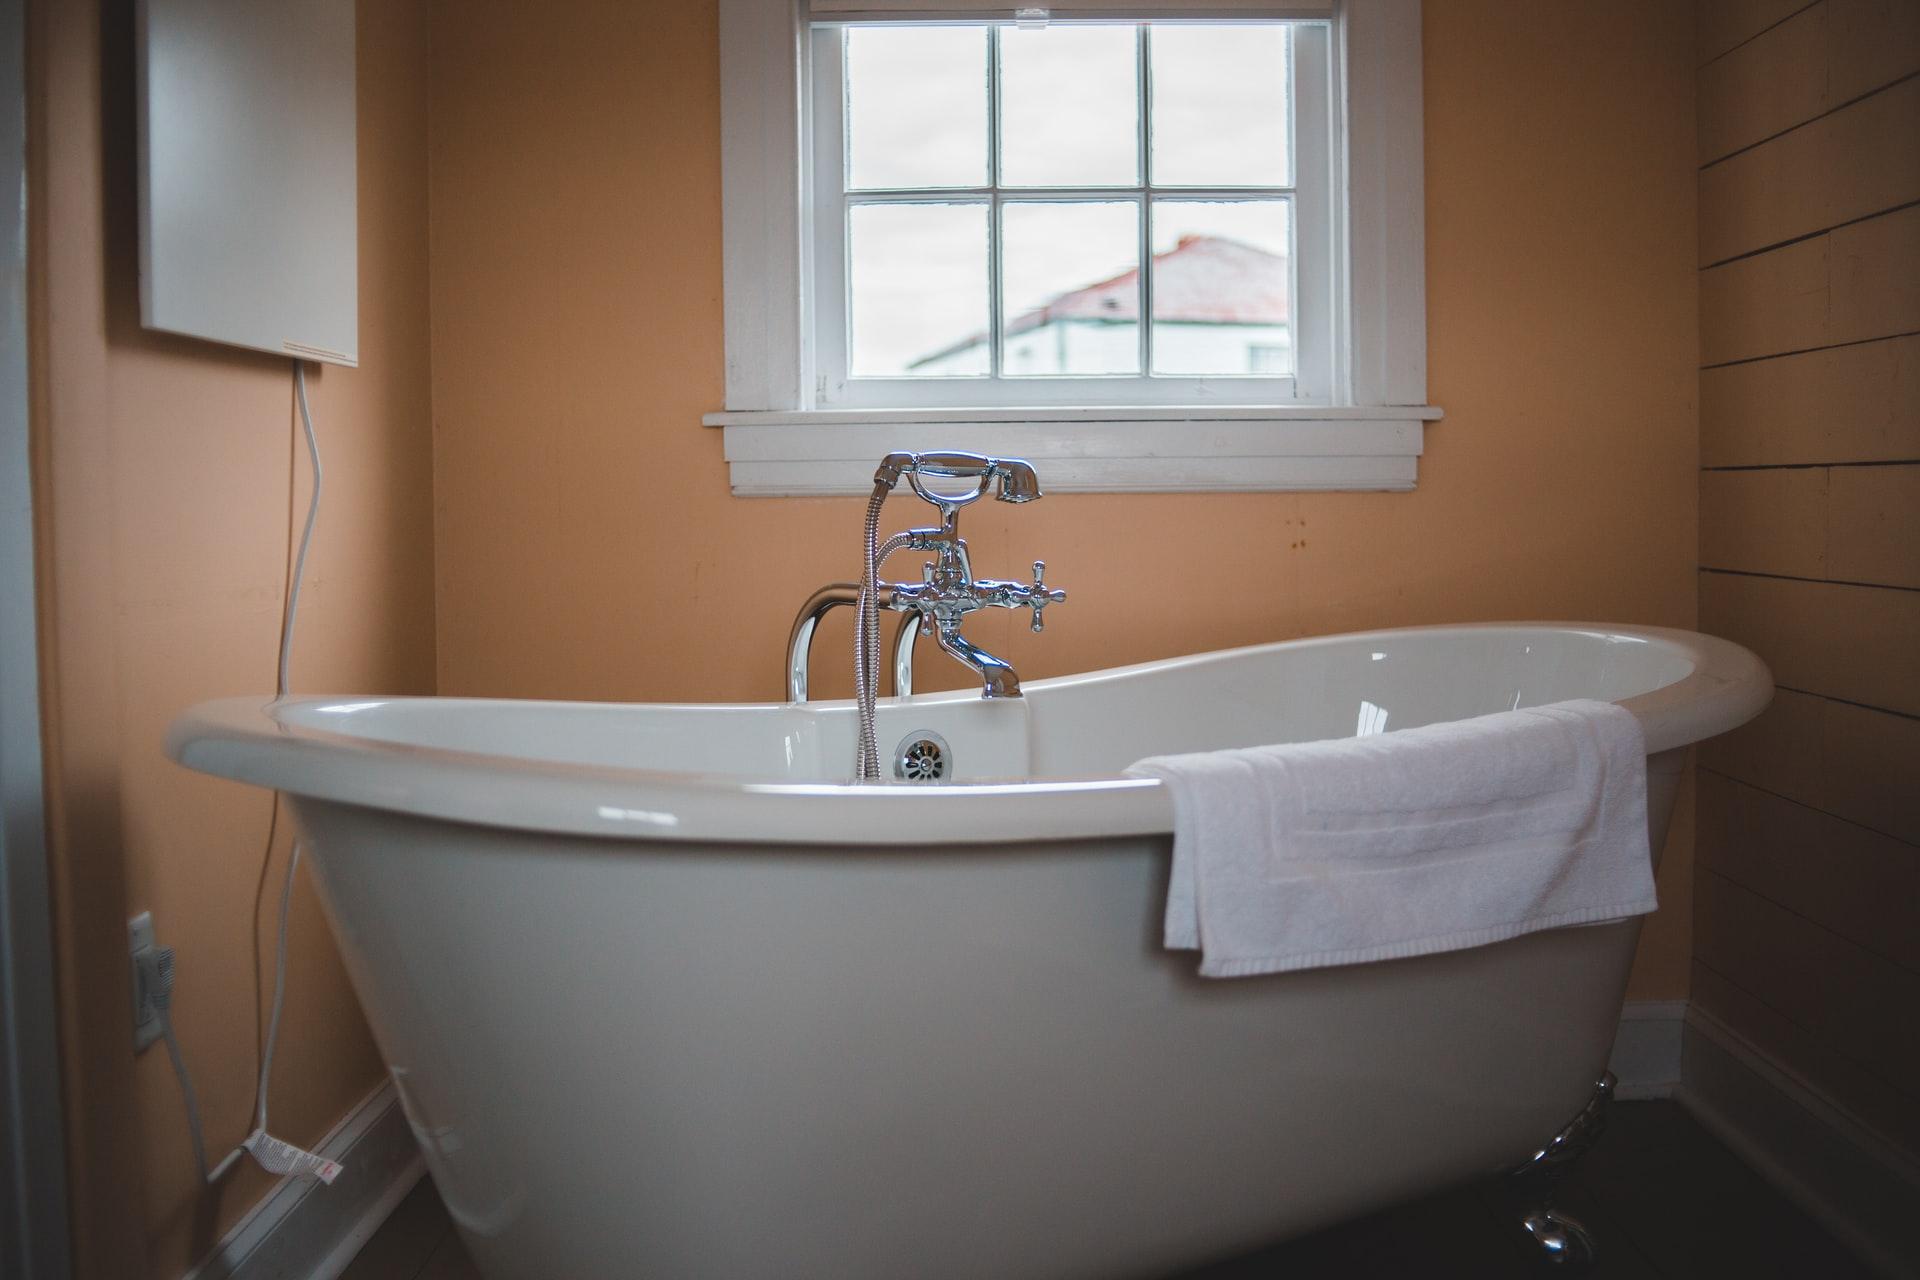 A bathroom tub.